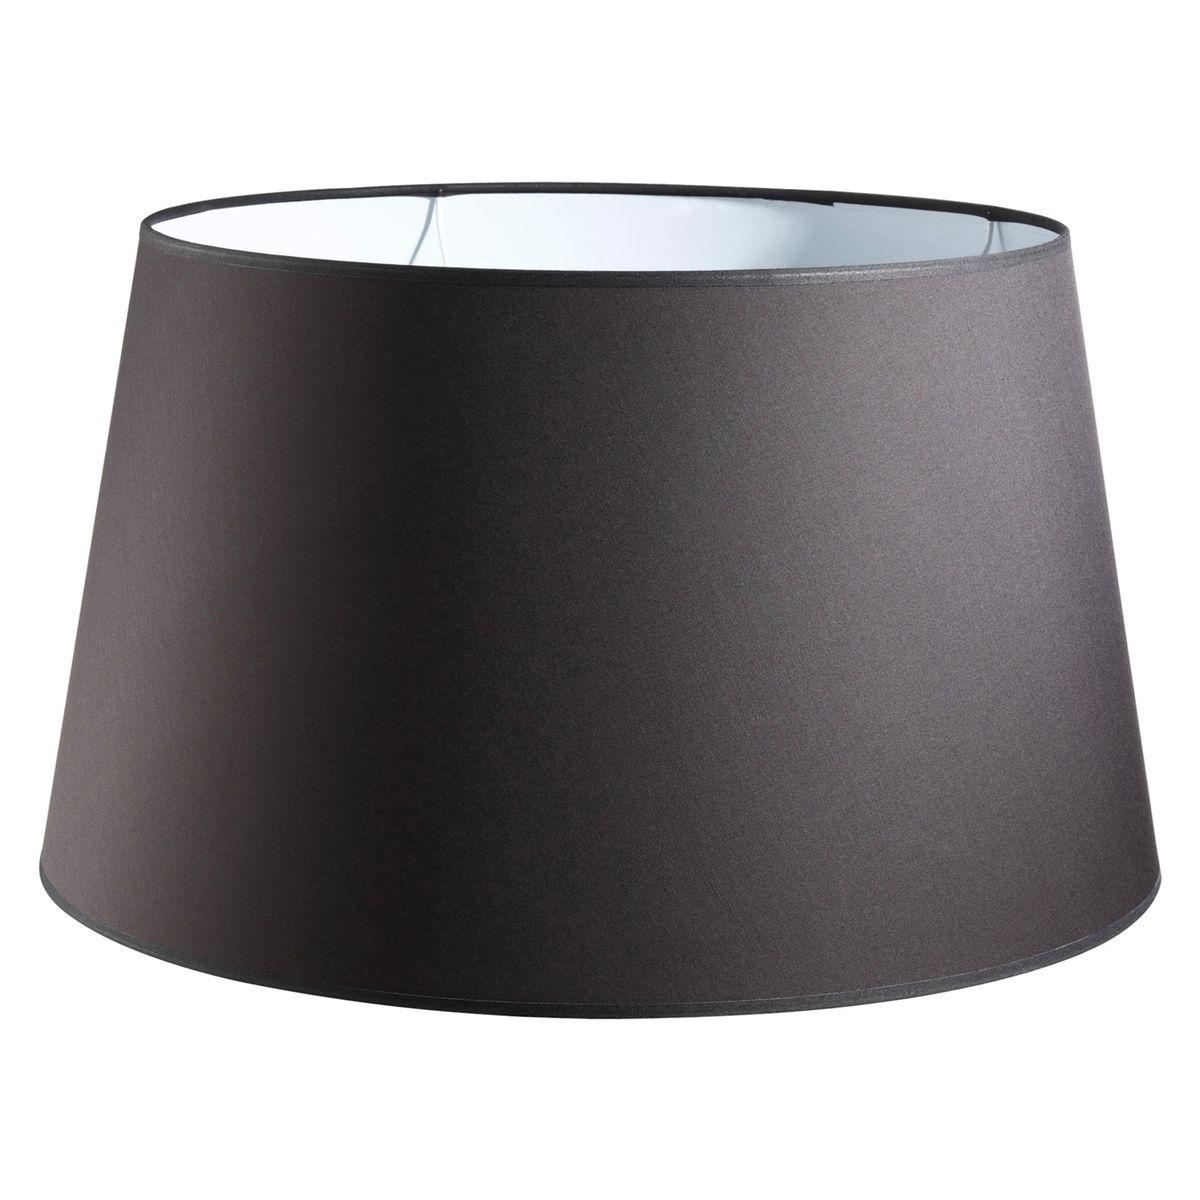 achat abat jour eclairage d coration maison et jardin discount page 1. Black Bedroom Furniture Sets. Home Design Ideas